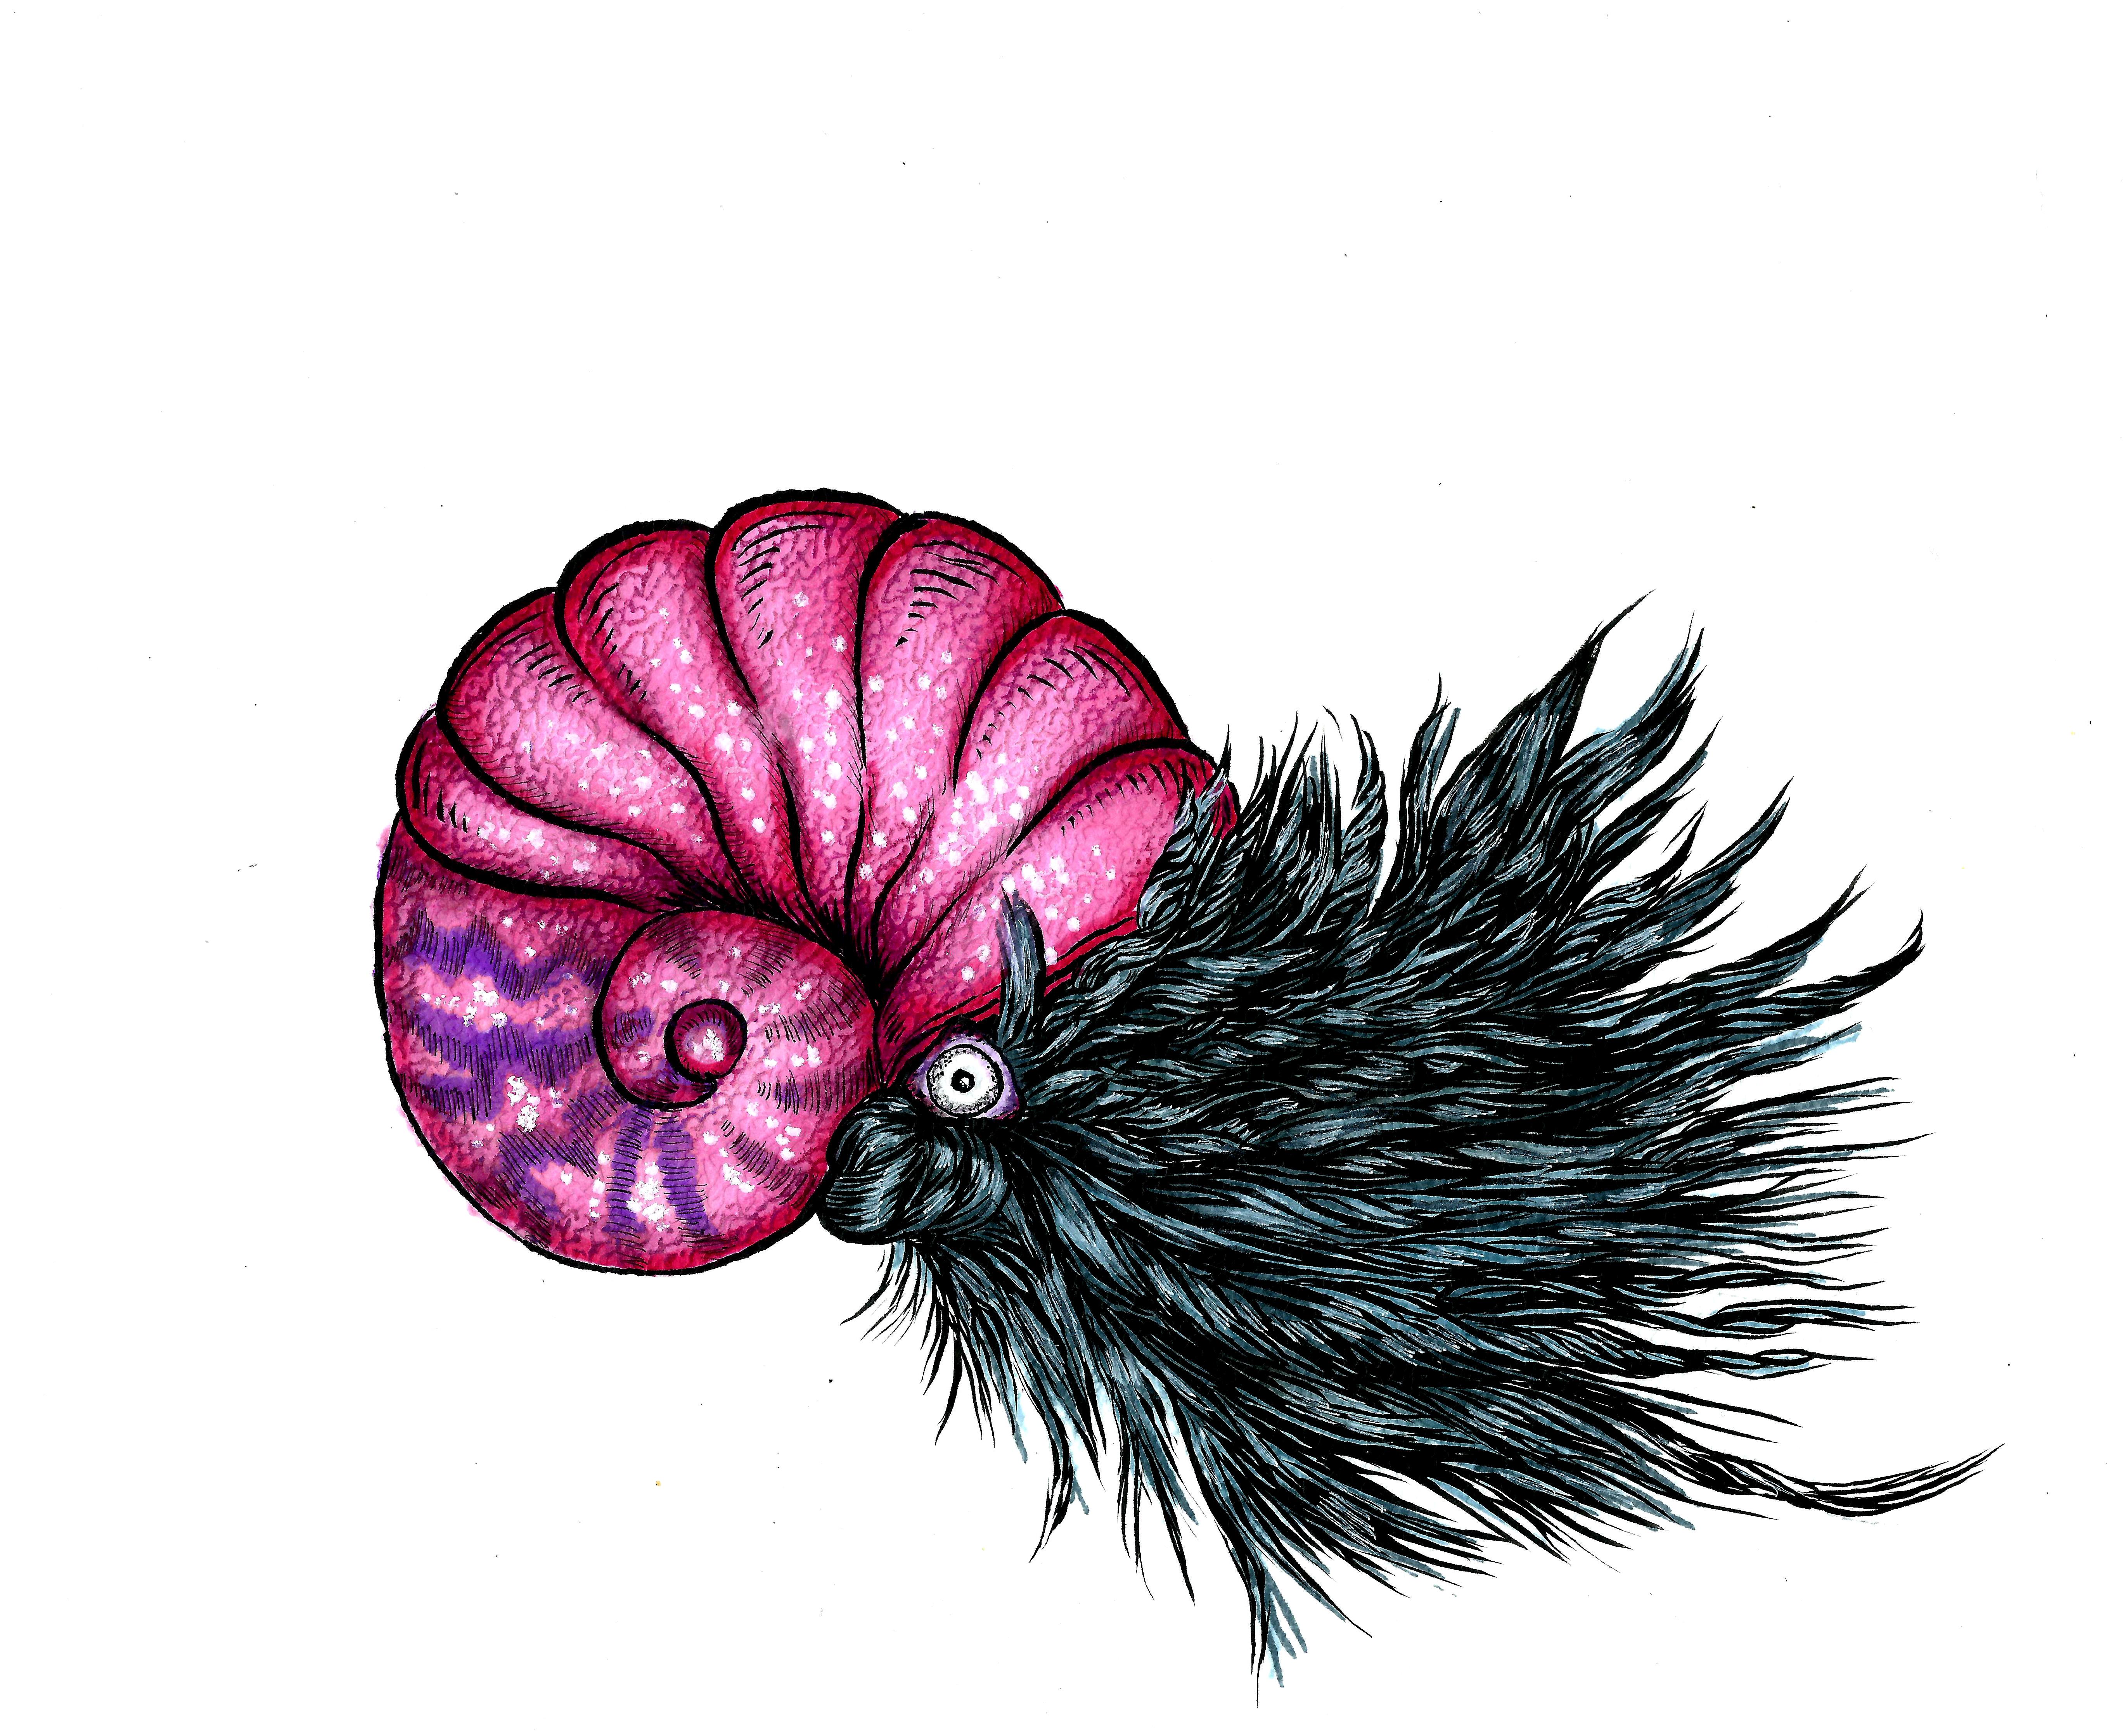 Cephalopod rosea capillum